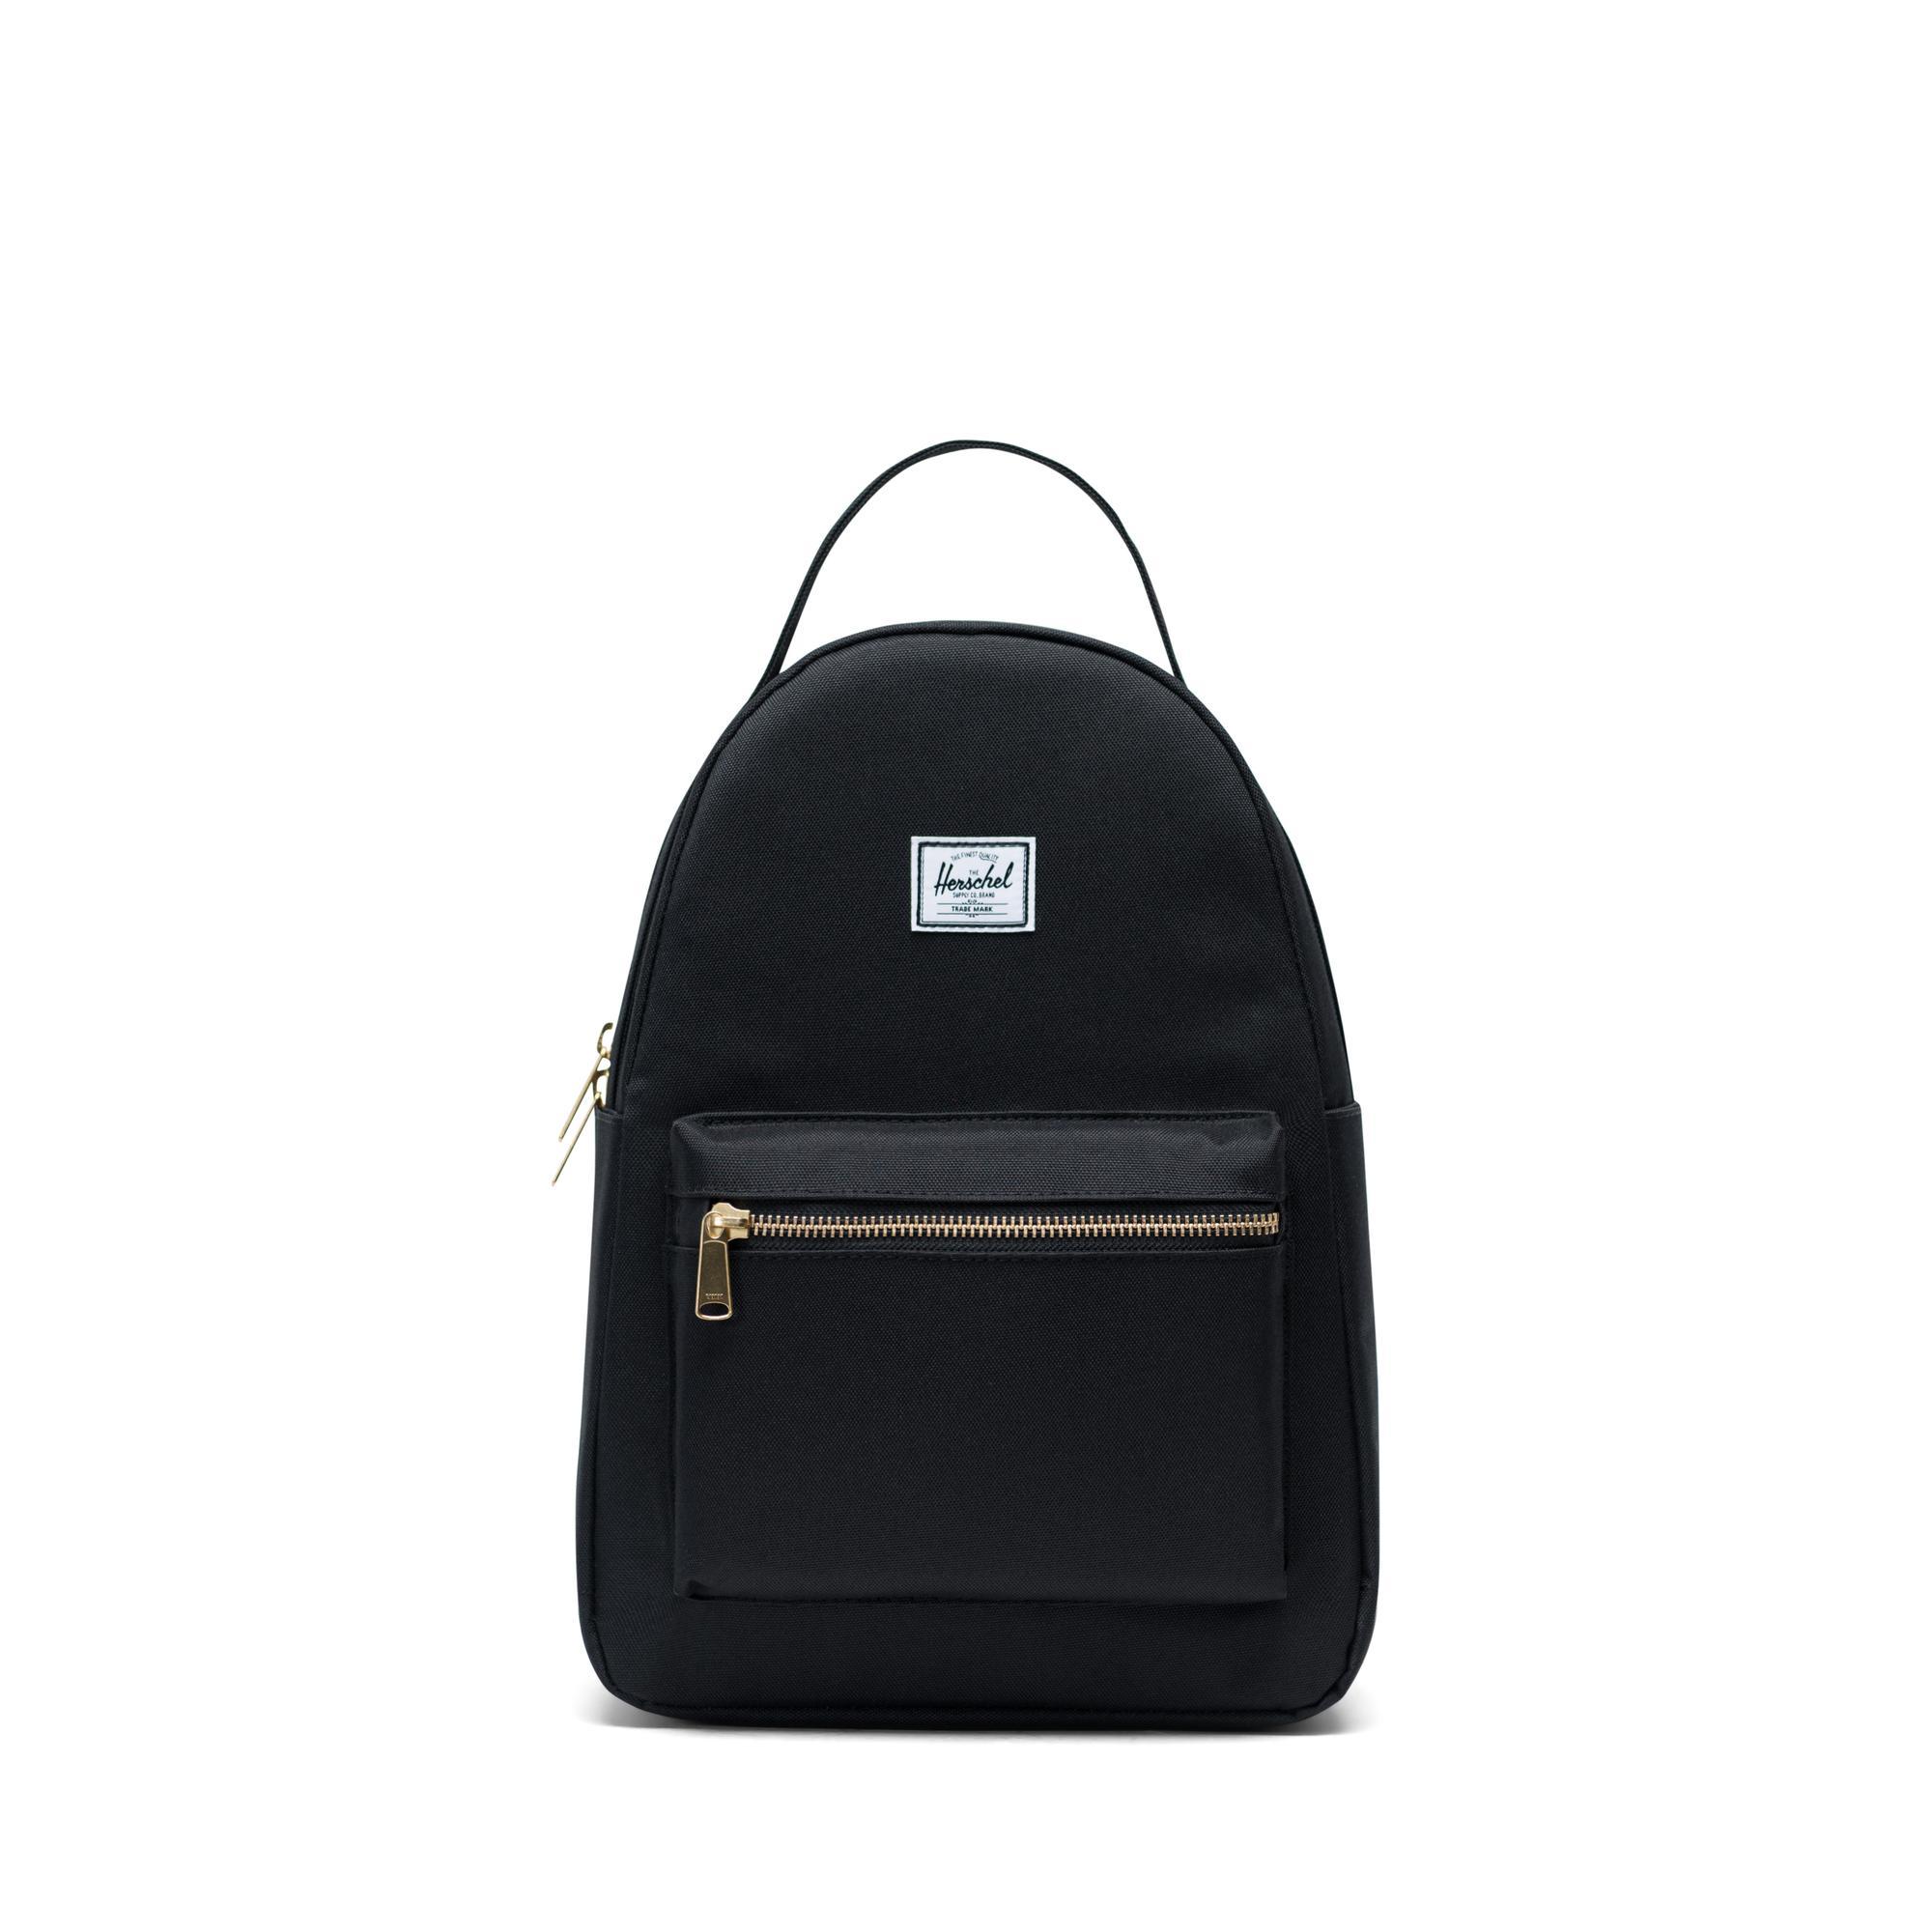 7e040bcc5d6 Nova Backpack XS